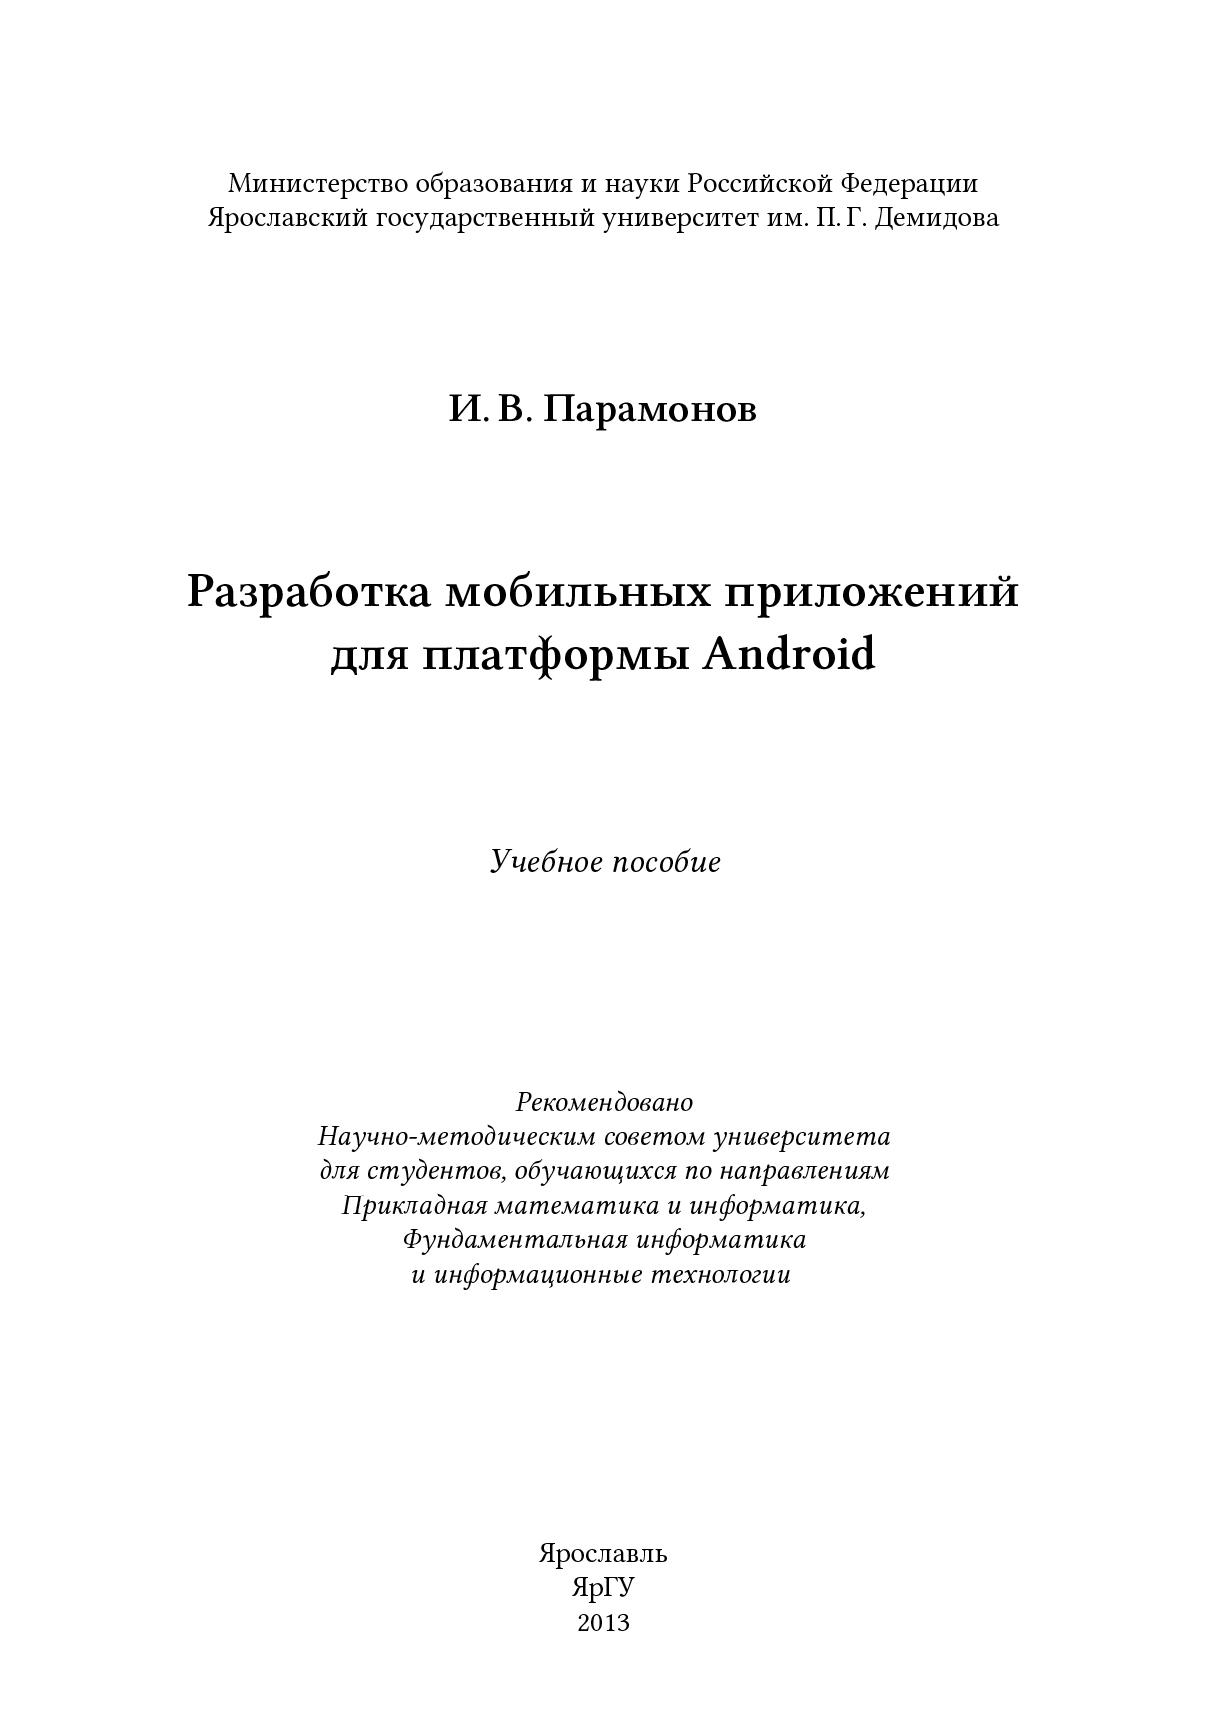 И. В. Парамонов Разработка мобильных приложений для платформы Android unlim платформы